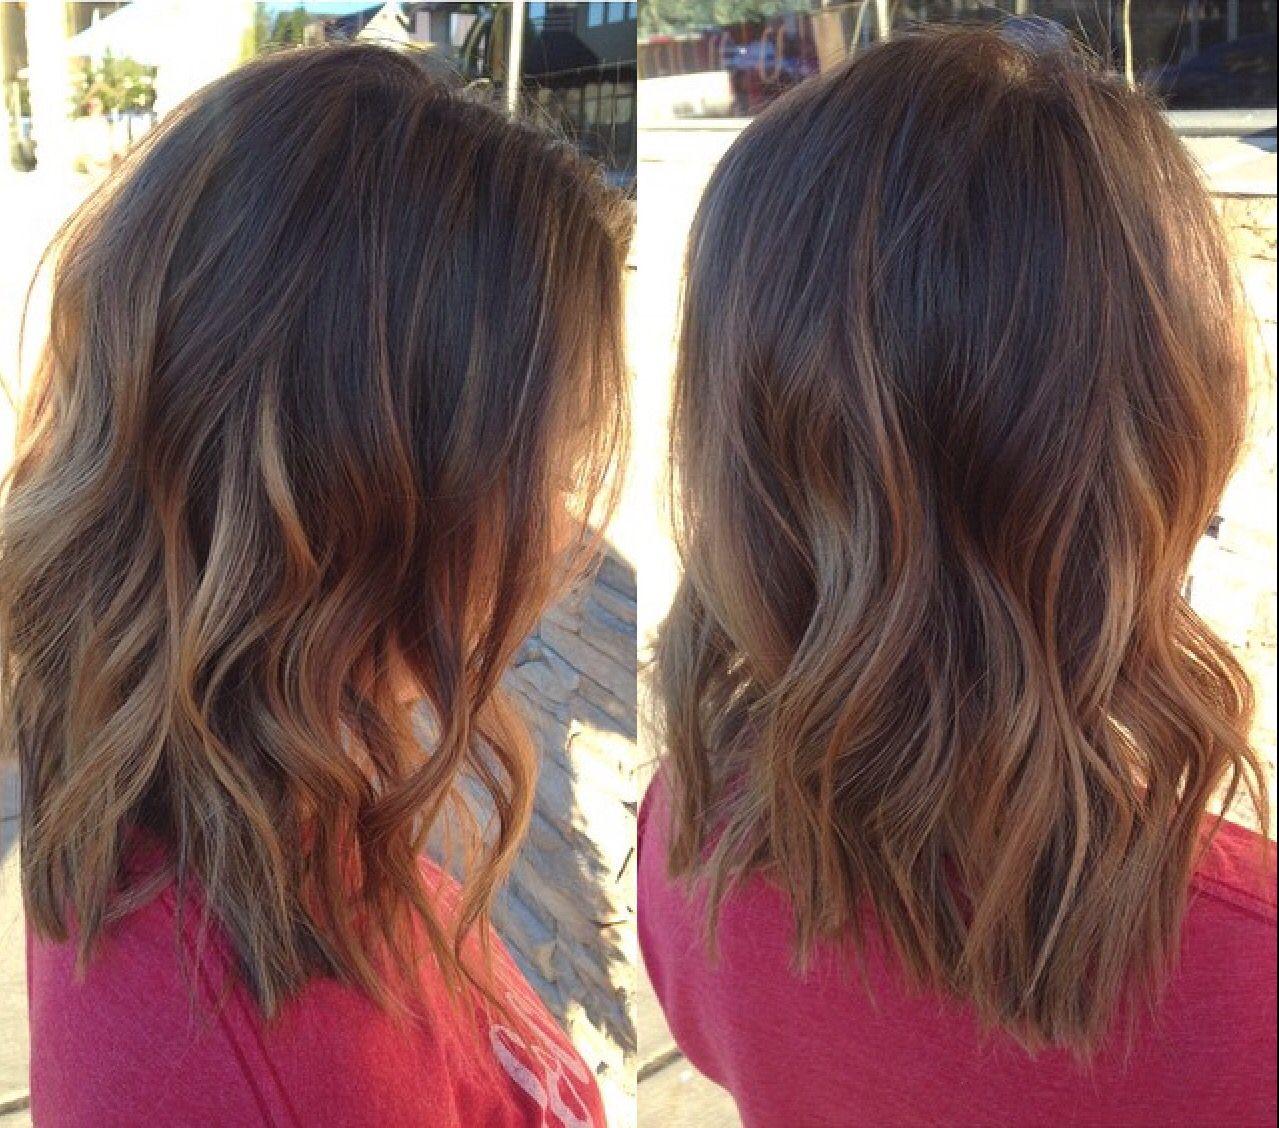 Long bob hair cut and caramel balayage done by stylist - Balayage bob braun ...